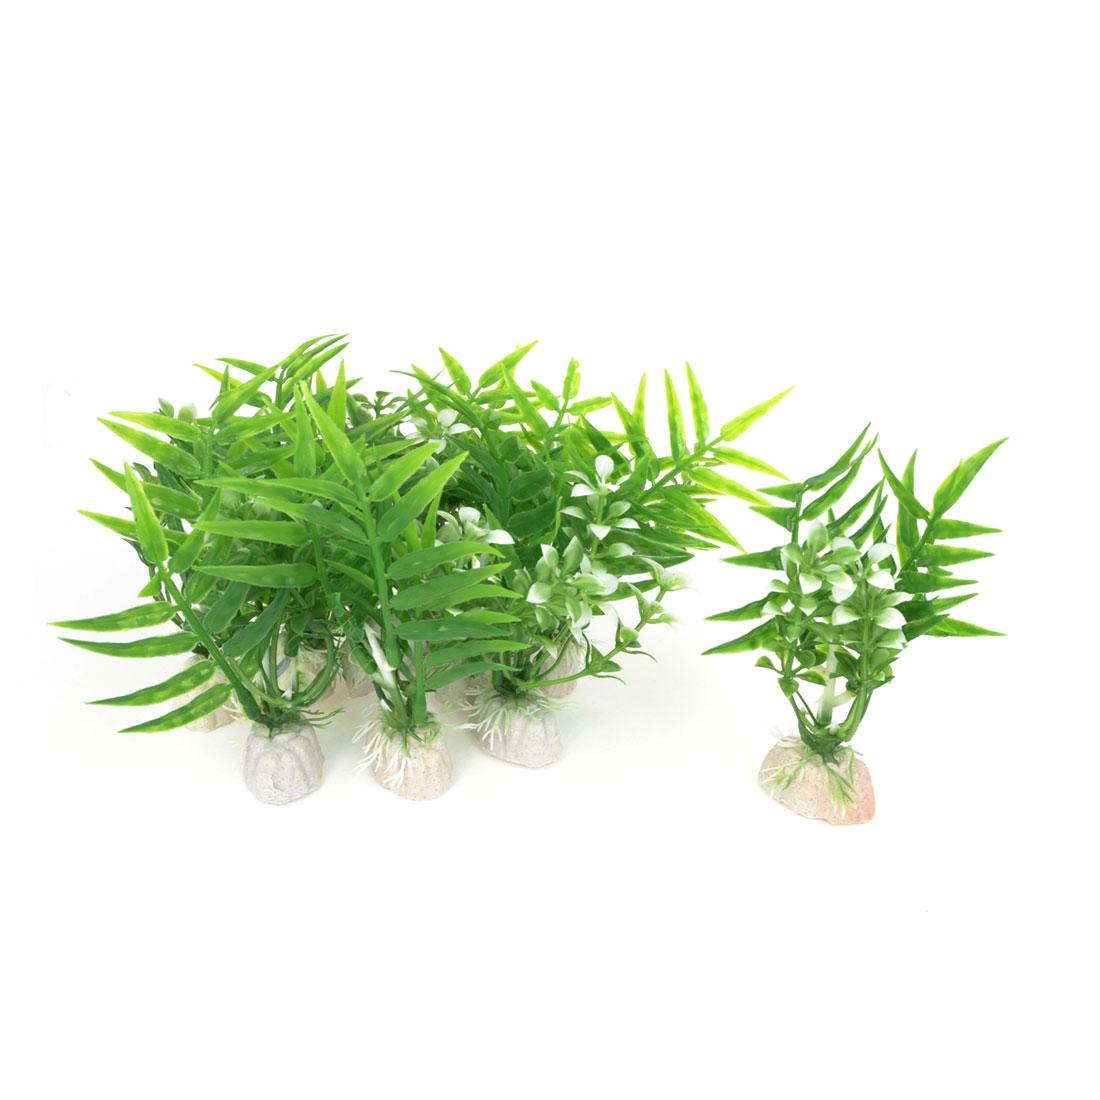 """10 Pcs 3.5"""" High Green Plastic Emulational Underwater Grass for Aquarium"""